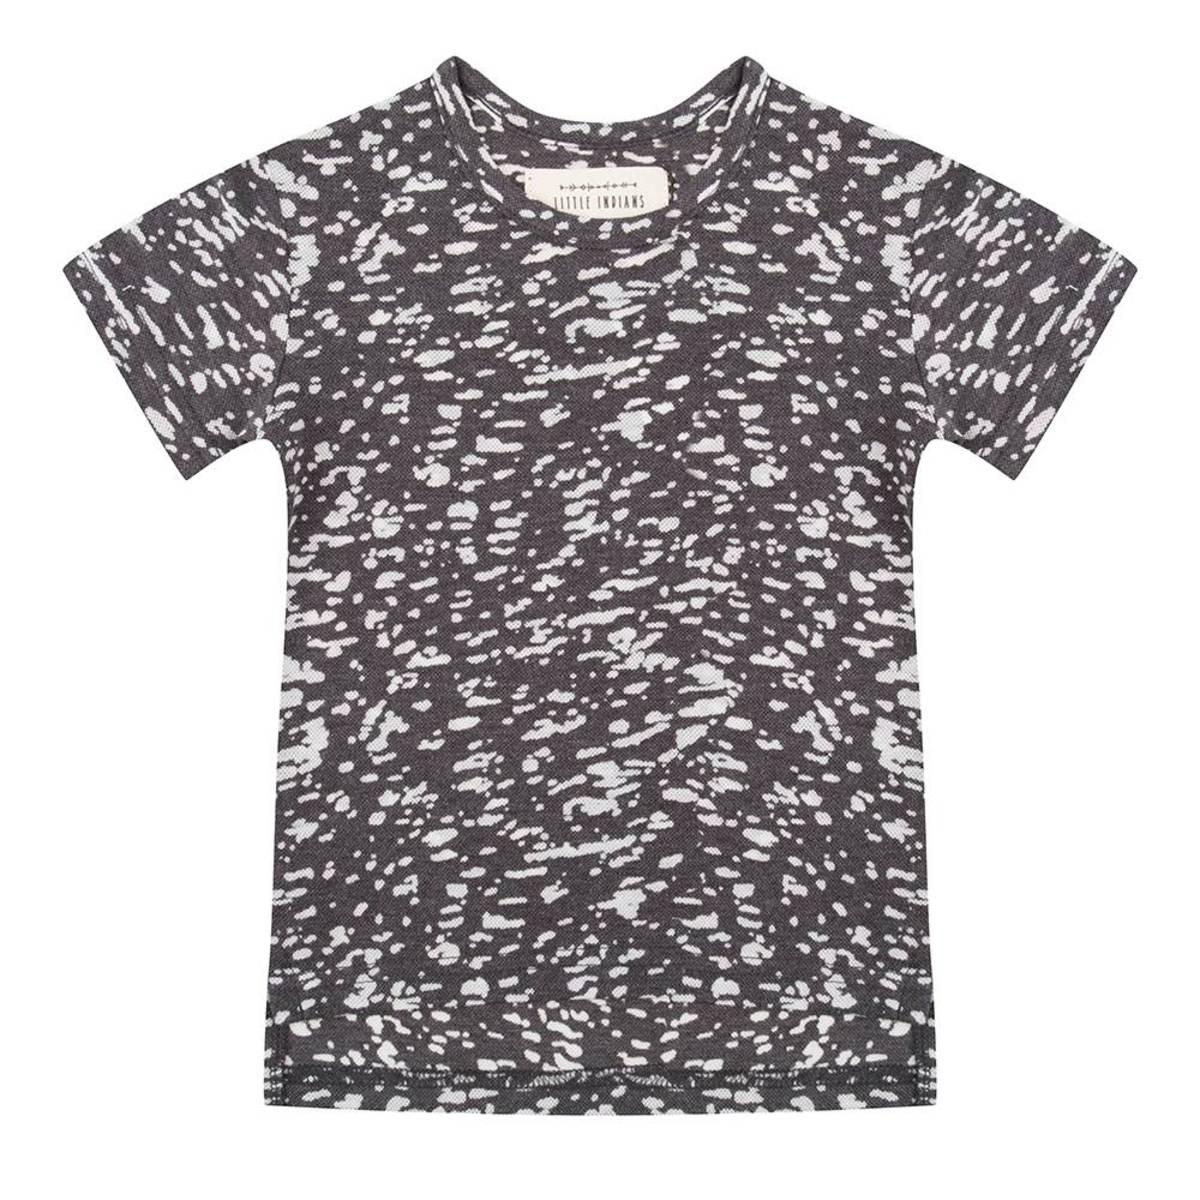 Hauts bébé Tee-Shirt manches courtes Burnout Noir - 18/24 mois Tee-Shirt manches courtes Burnout Noir - 18/24 mois